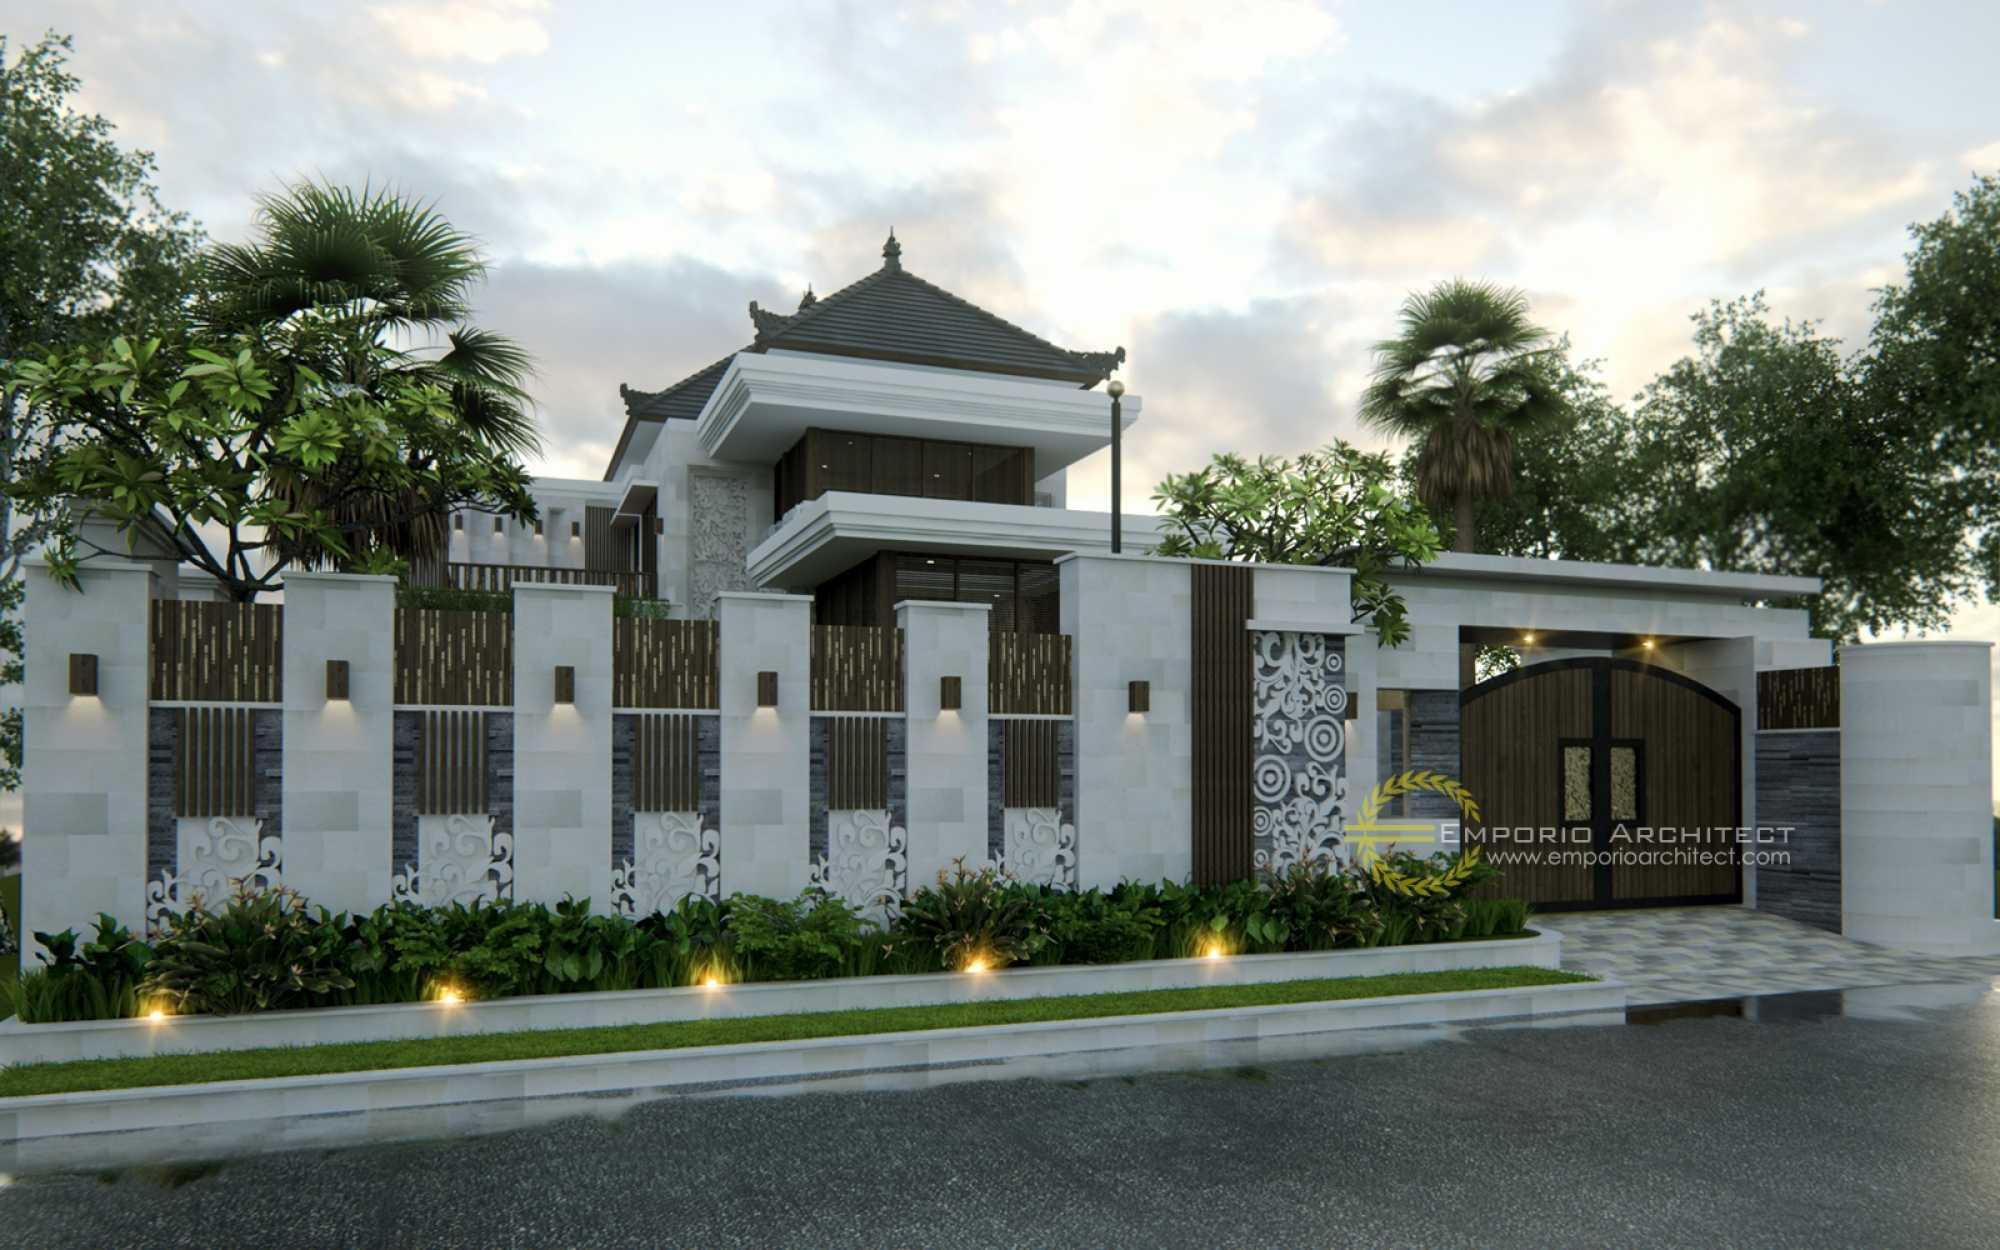 Jasa Arsitek Emporio Architect di Sumatera